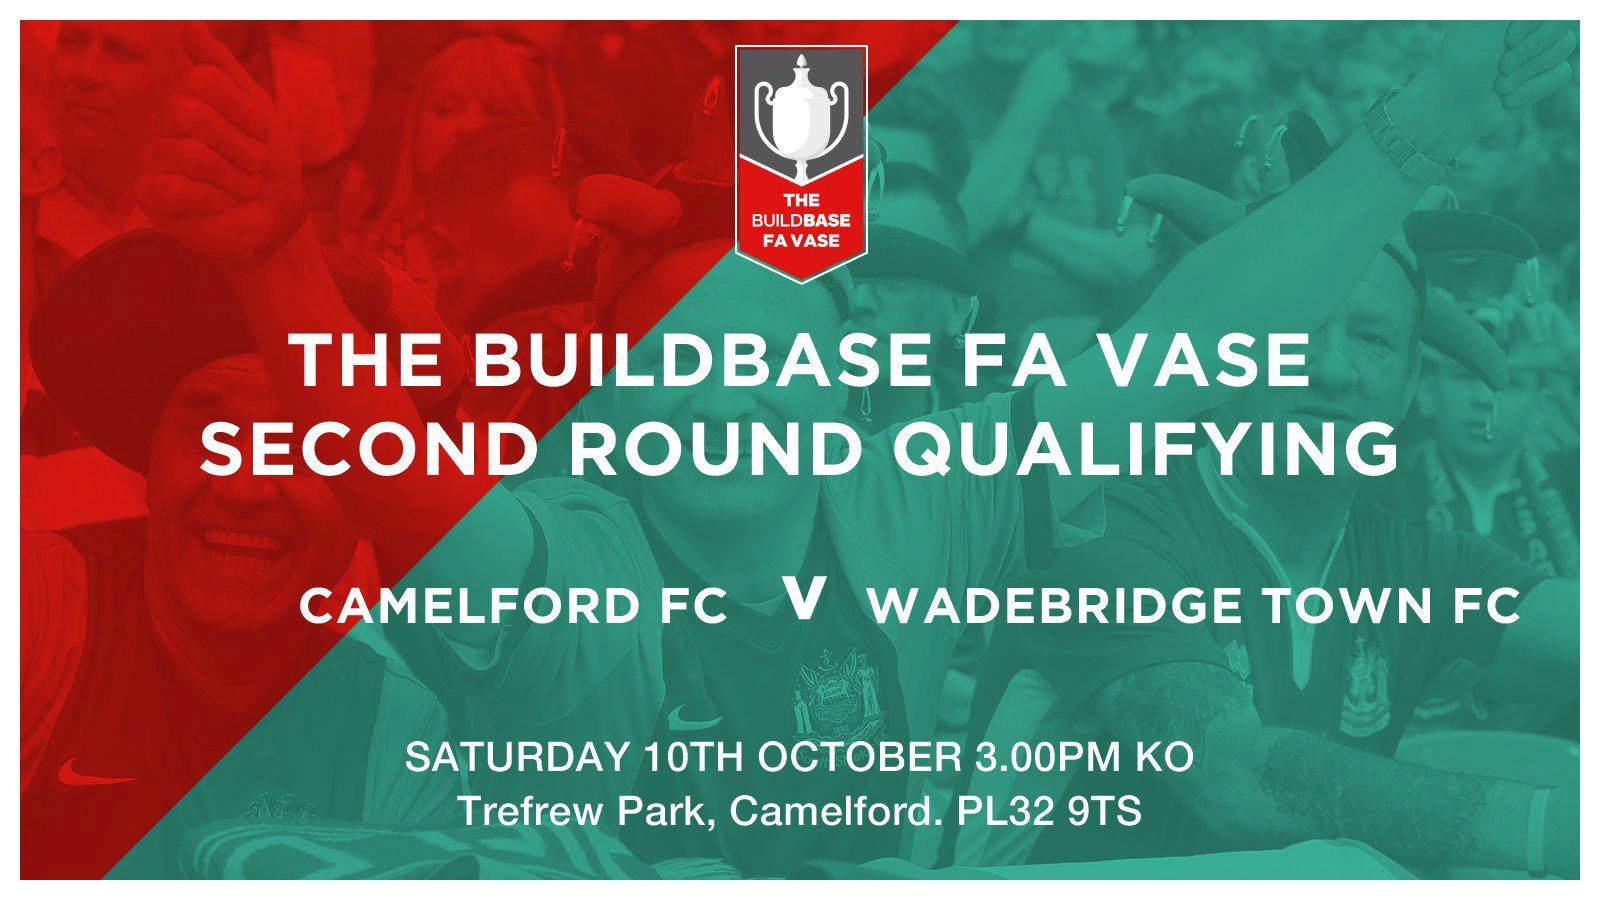 Camelford v Wadebridge - FA Vase 2nd Qualifying Round